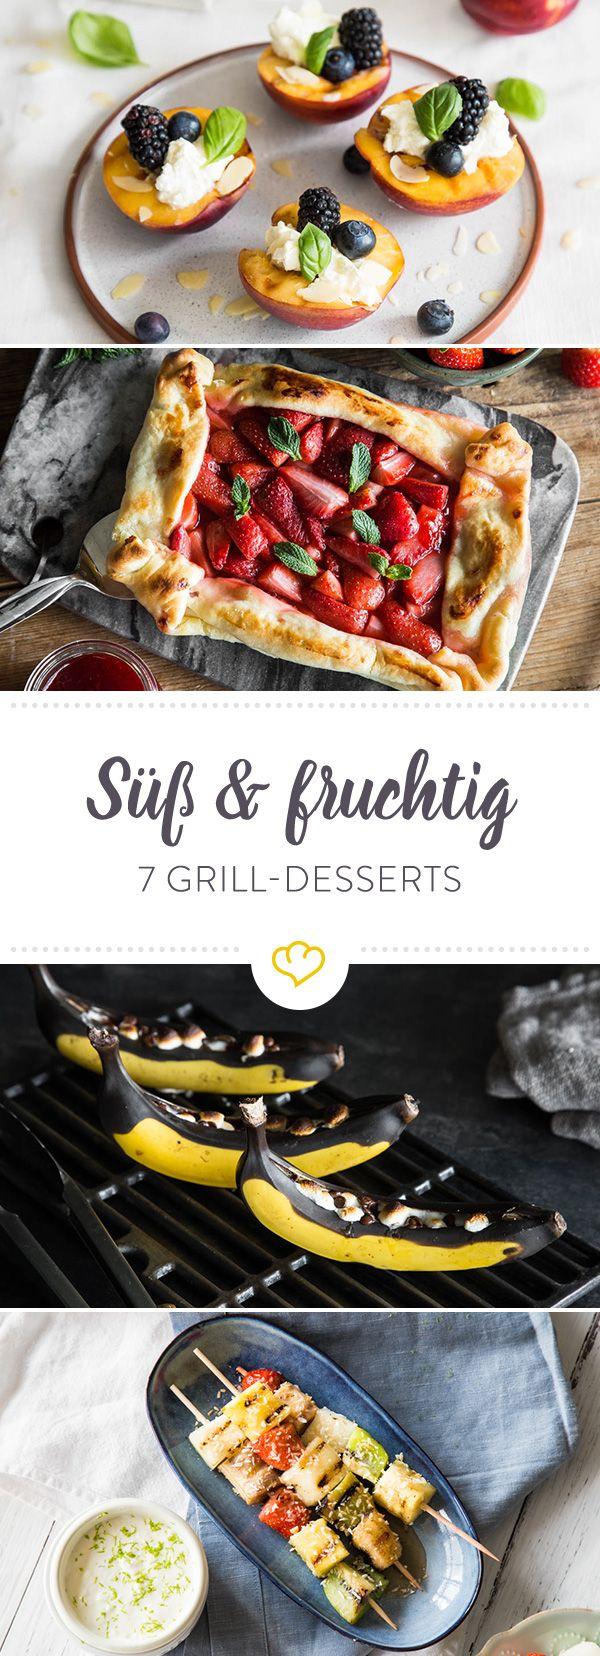 Sommerzeit ist Grillzeit! Da kommt sogar die Nachspeise auf das Rost! Wir haben diese 7 fruchtigen und süßen Grill Desserts für dich zusammengestellt.